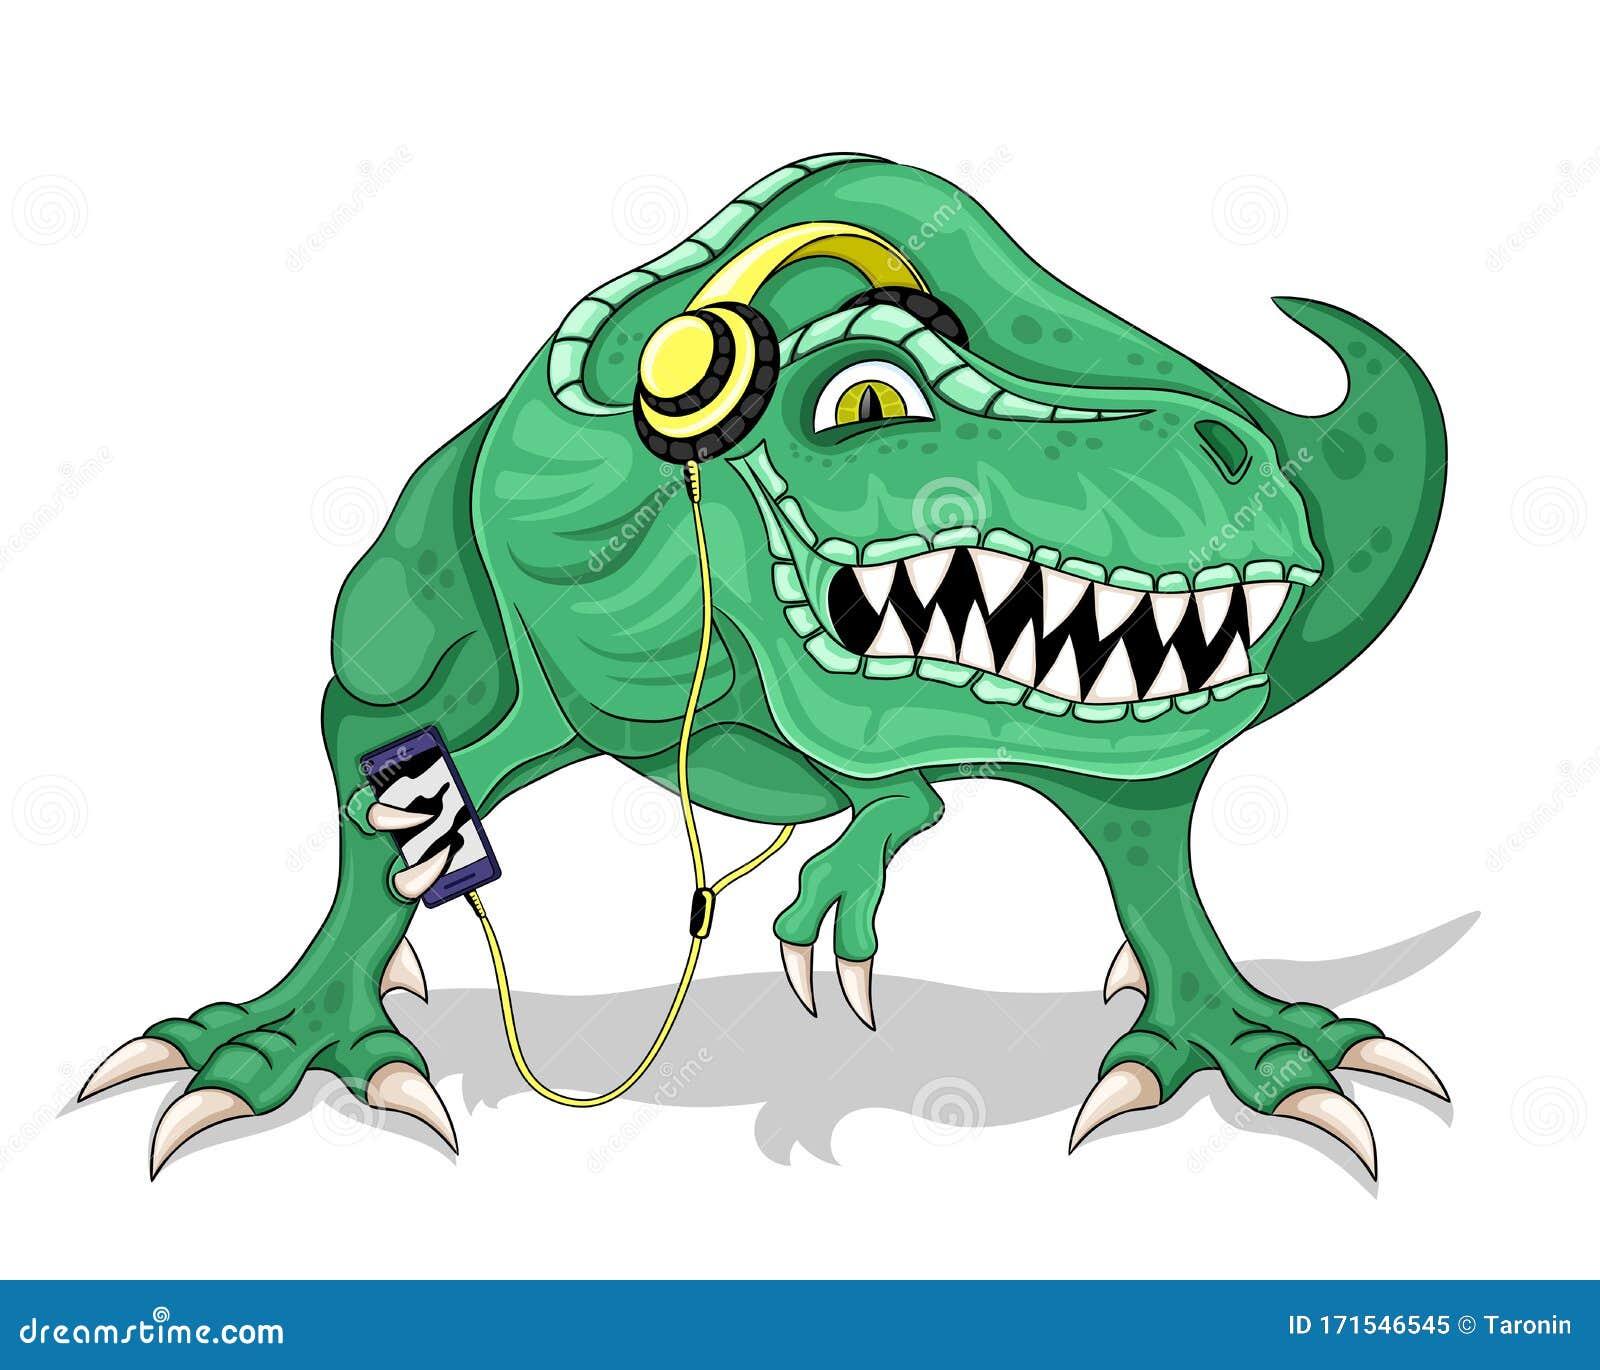 Dinosaurio Verde En Audifonos Ilustracion Del Vector Ilustracion De Dinosaurio Audifonos 171546545 Www.dinosaurios.tienda1 / dinosaurios de juguete. dinosaurio verde en audifonos